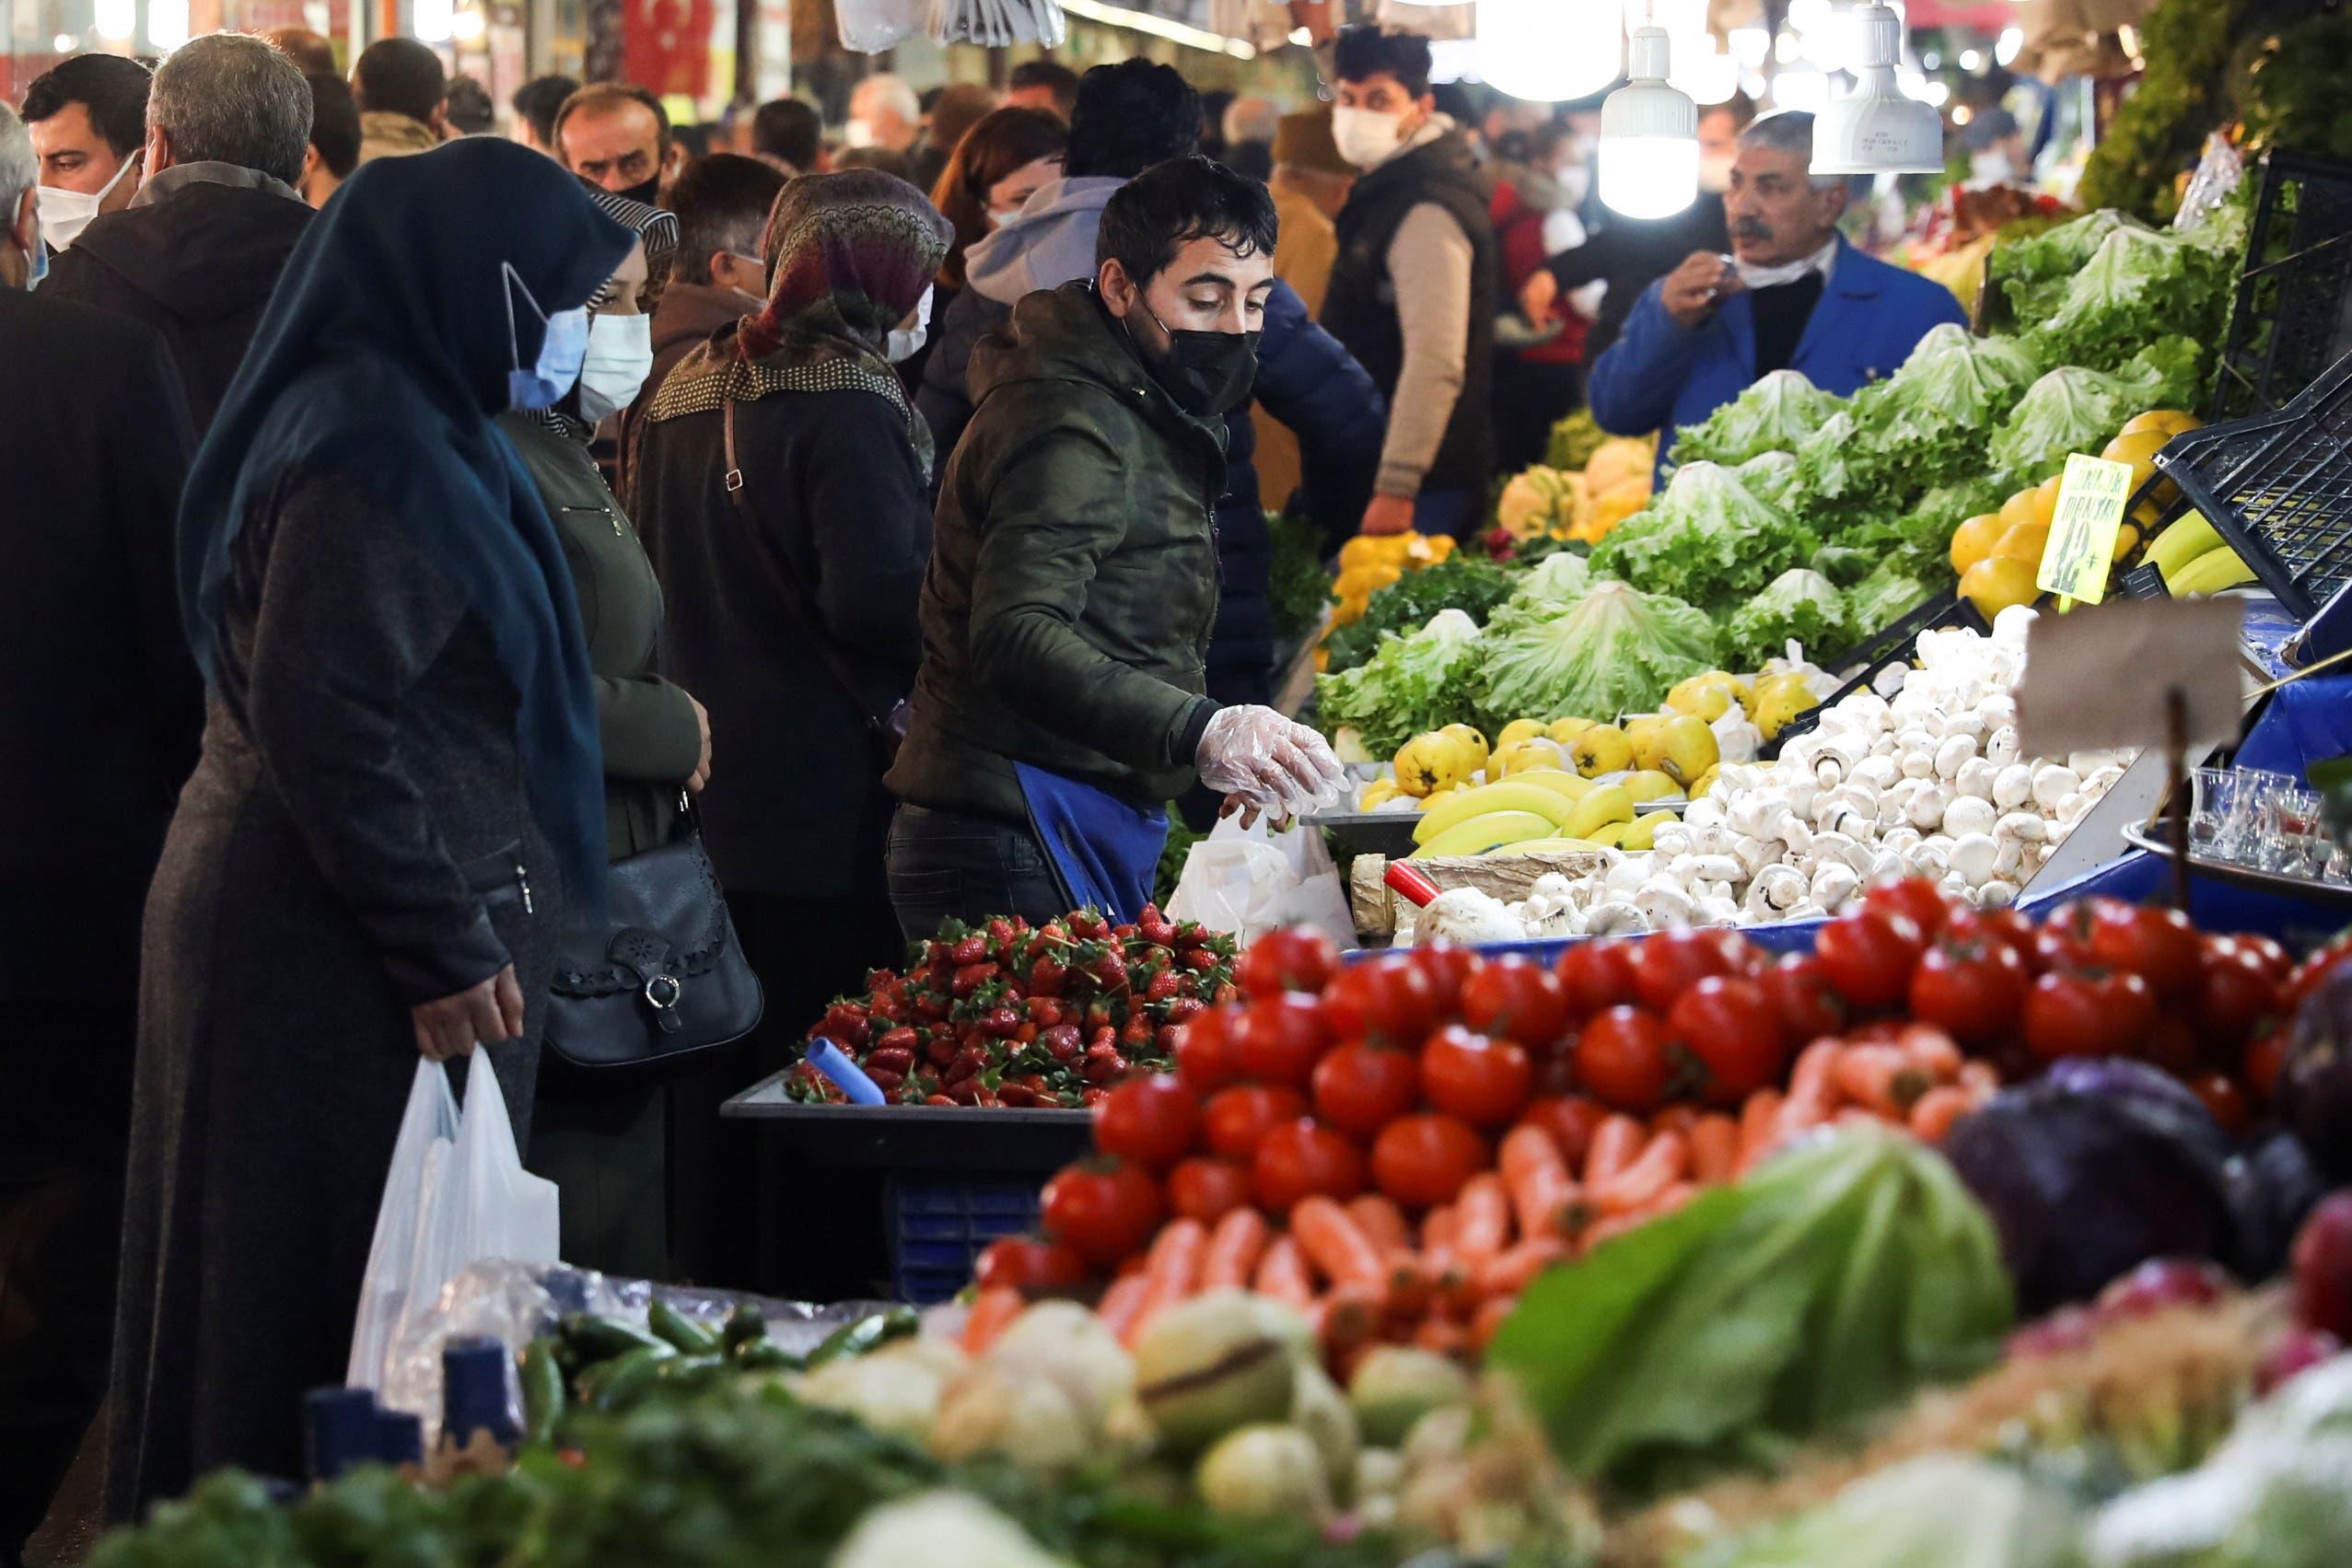 سوق مزدحم في انقرة.. والناس تحتمي بالكمامات